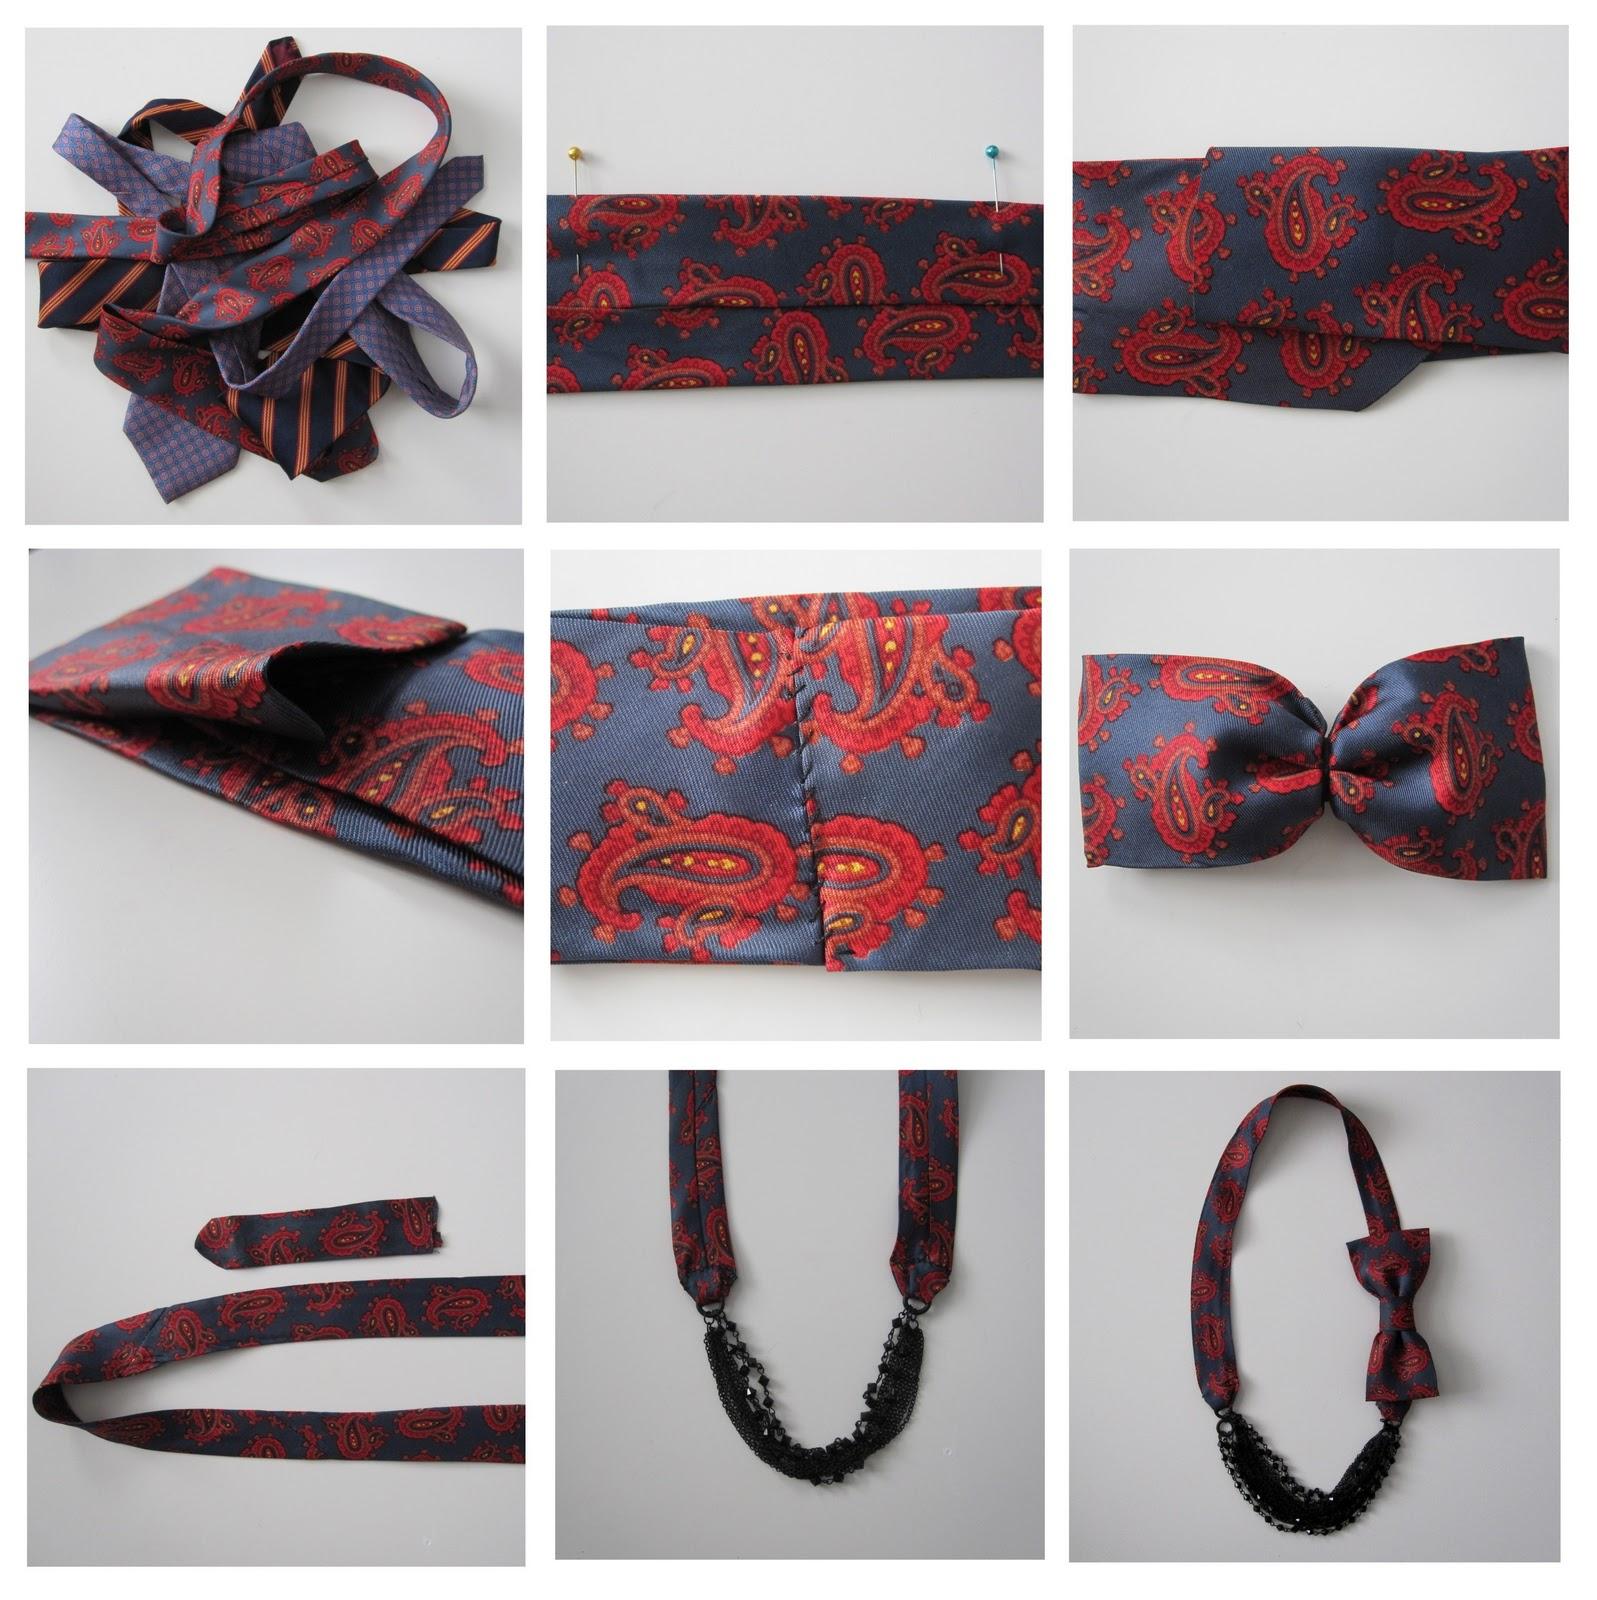 Поделки из старых галстуков своими руками фото